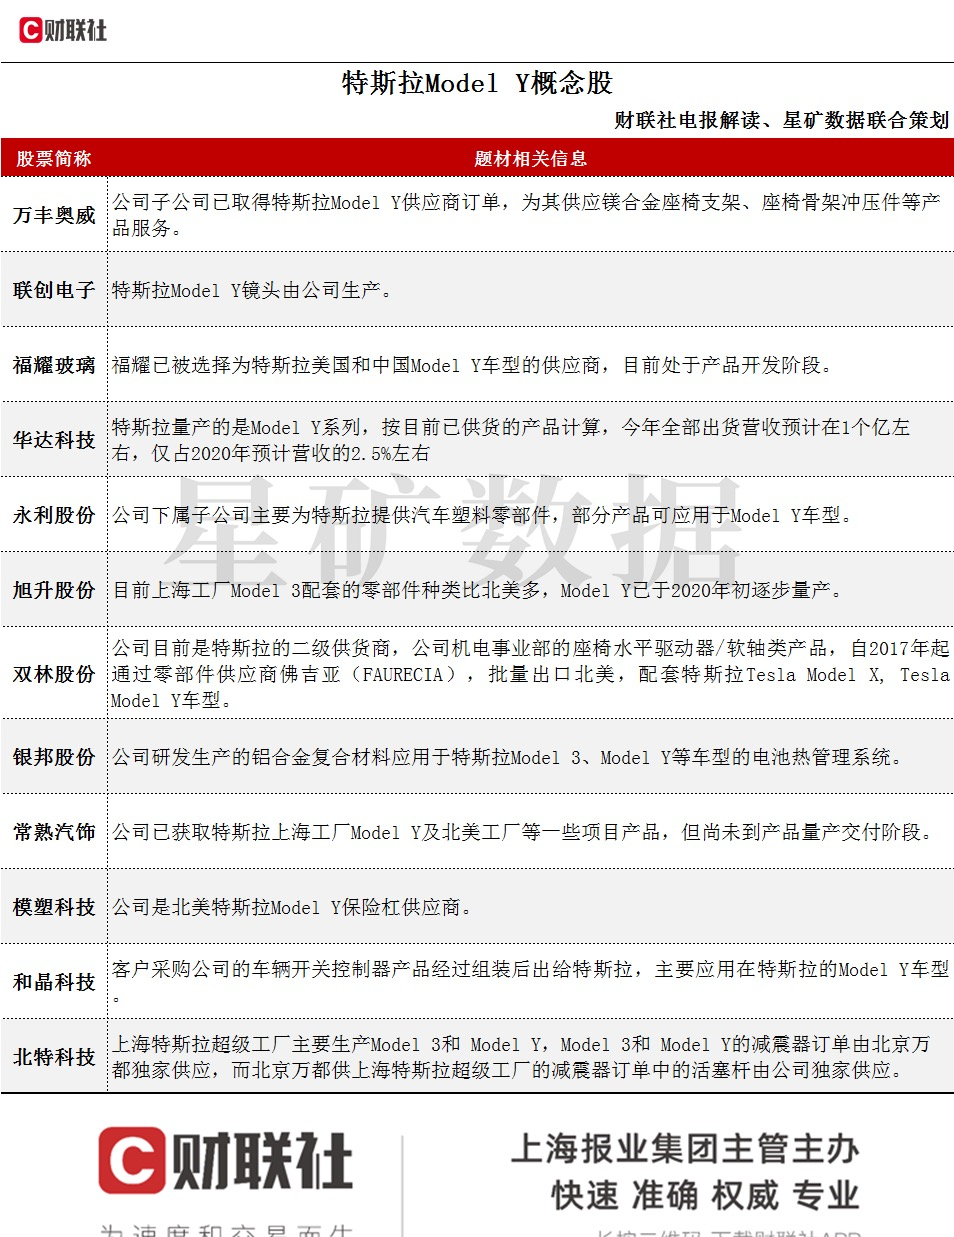 特斯拉新年发布国产Model Y   供应商名单一览